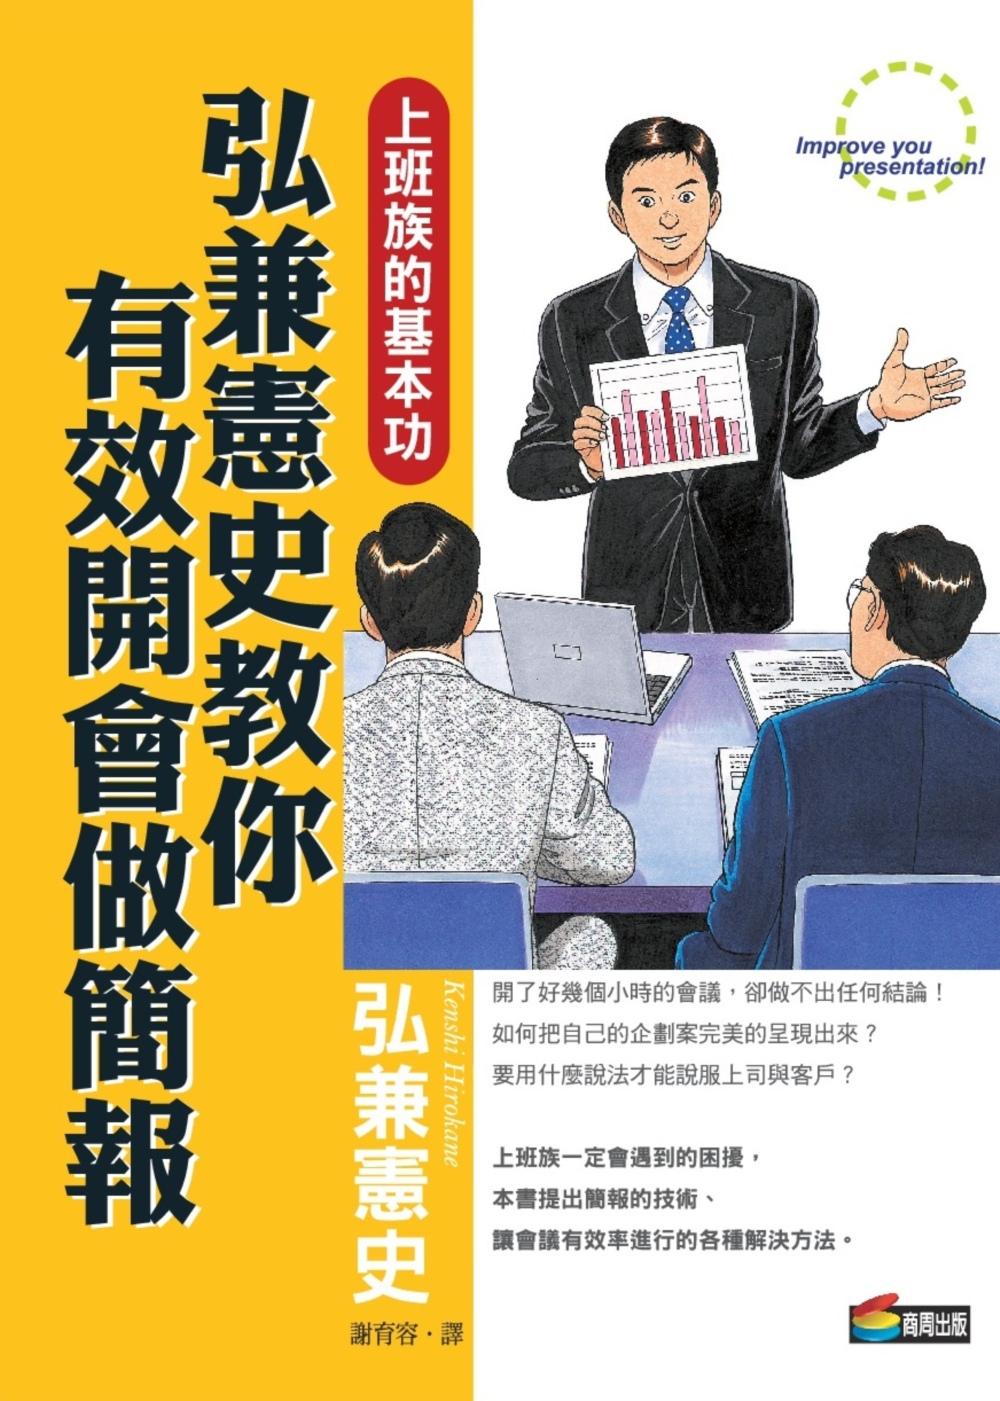 弘兼憲史教你有效開會做簡報